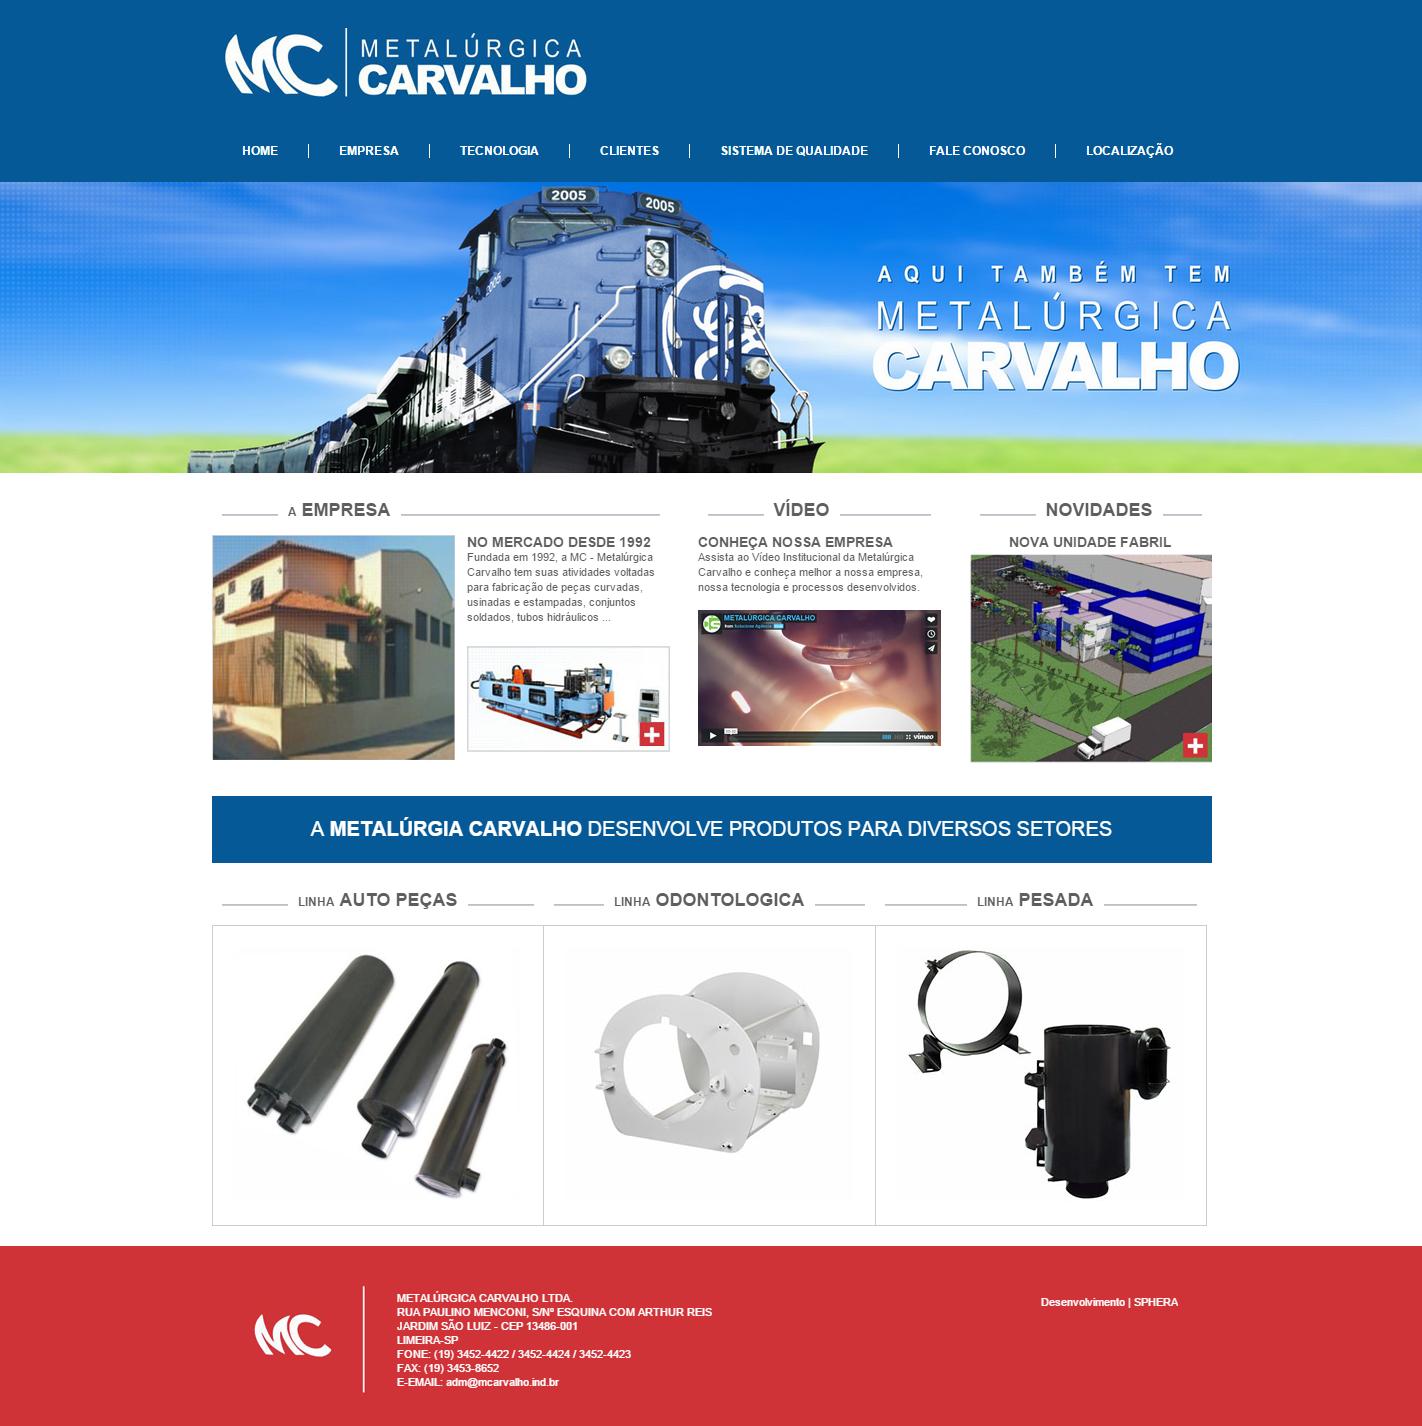 metalurgica-carvalho